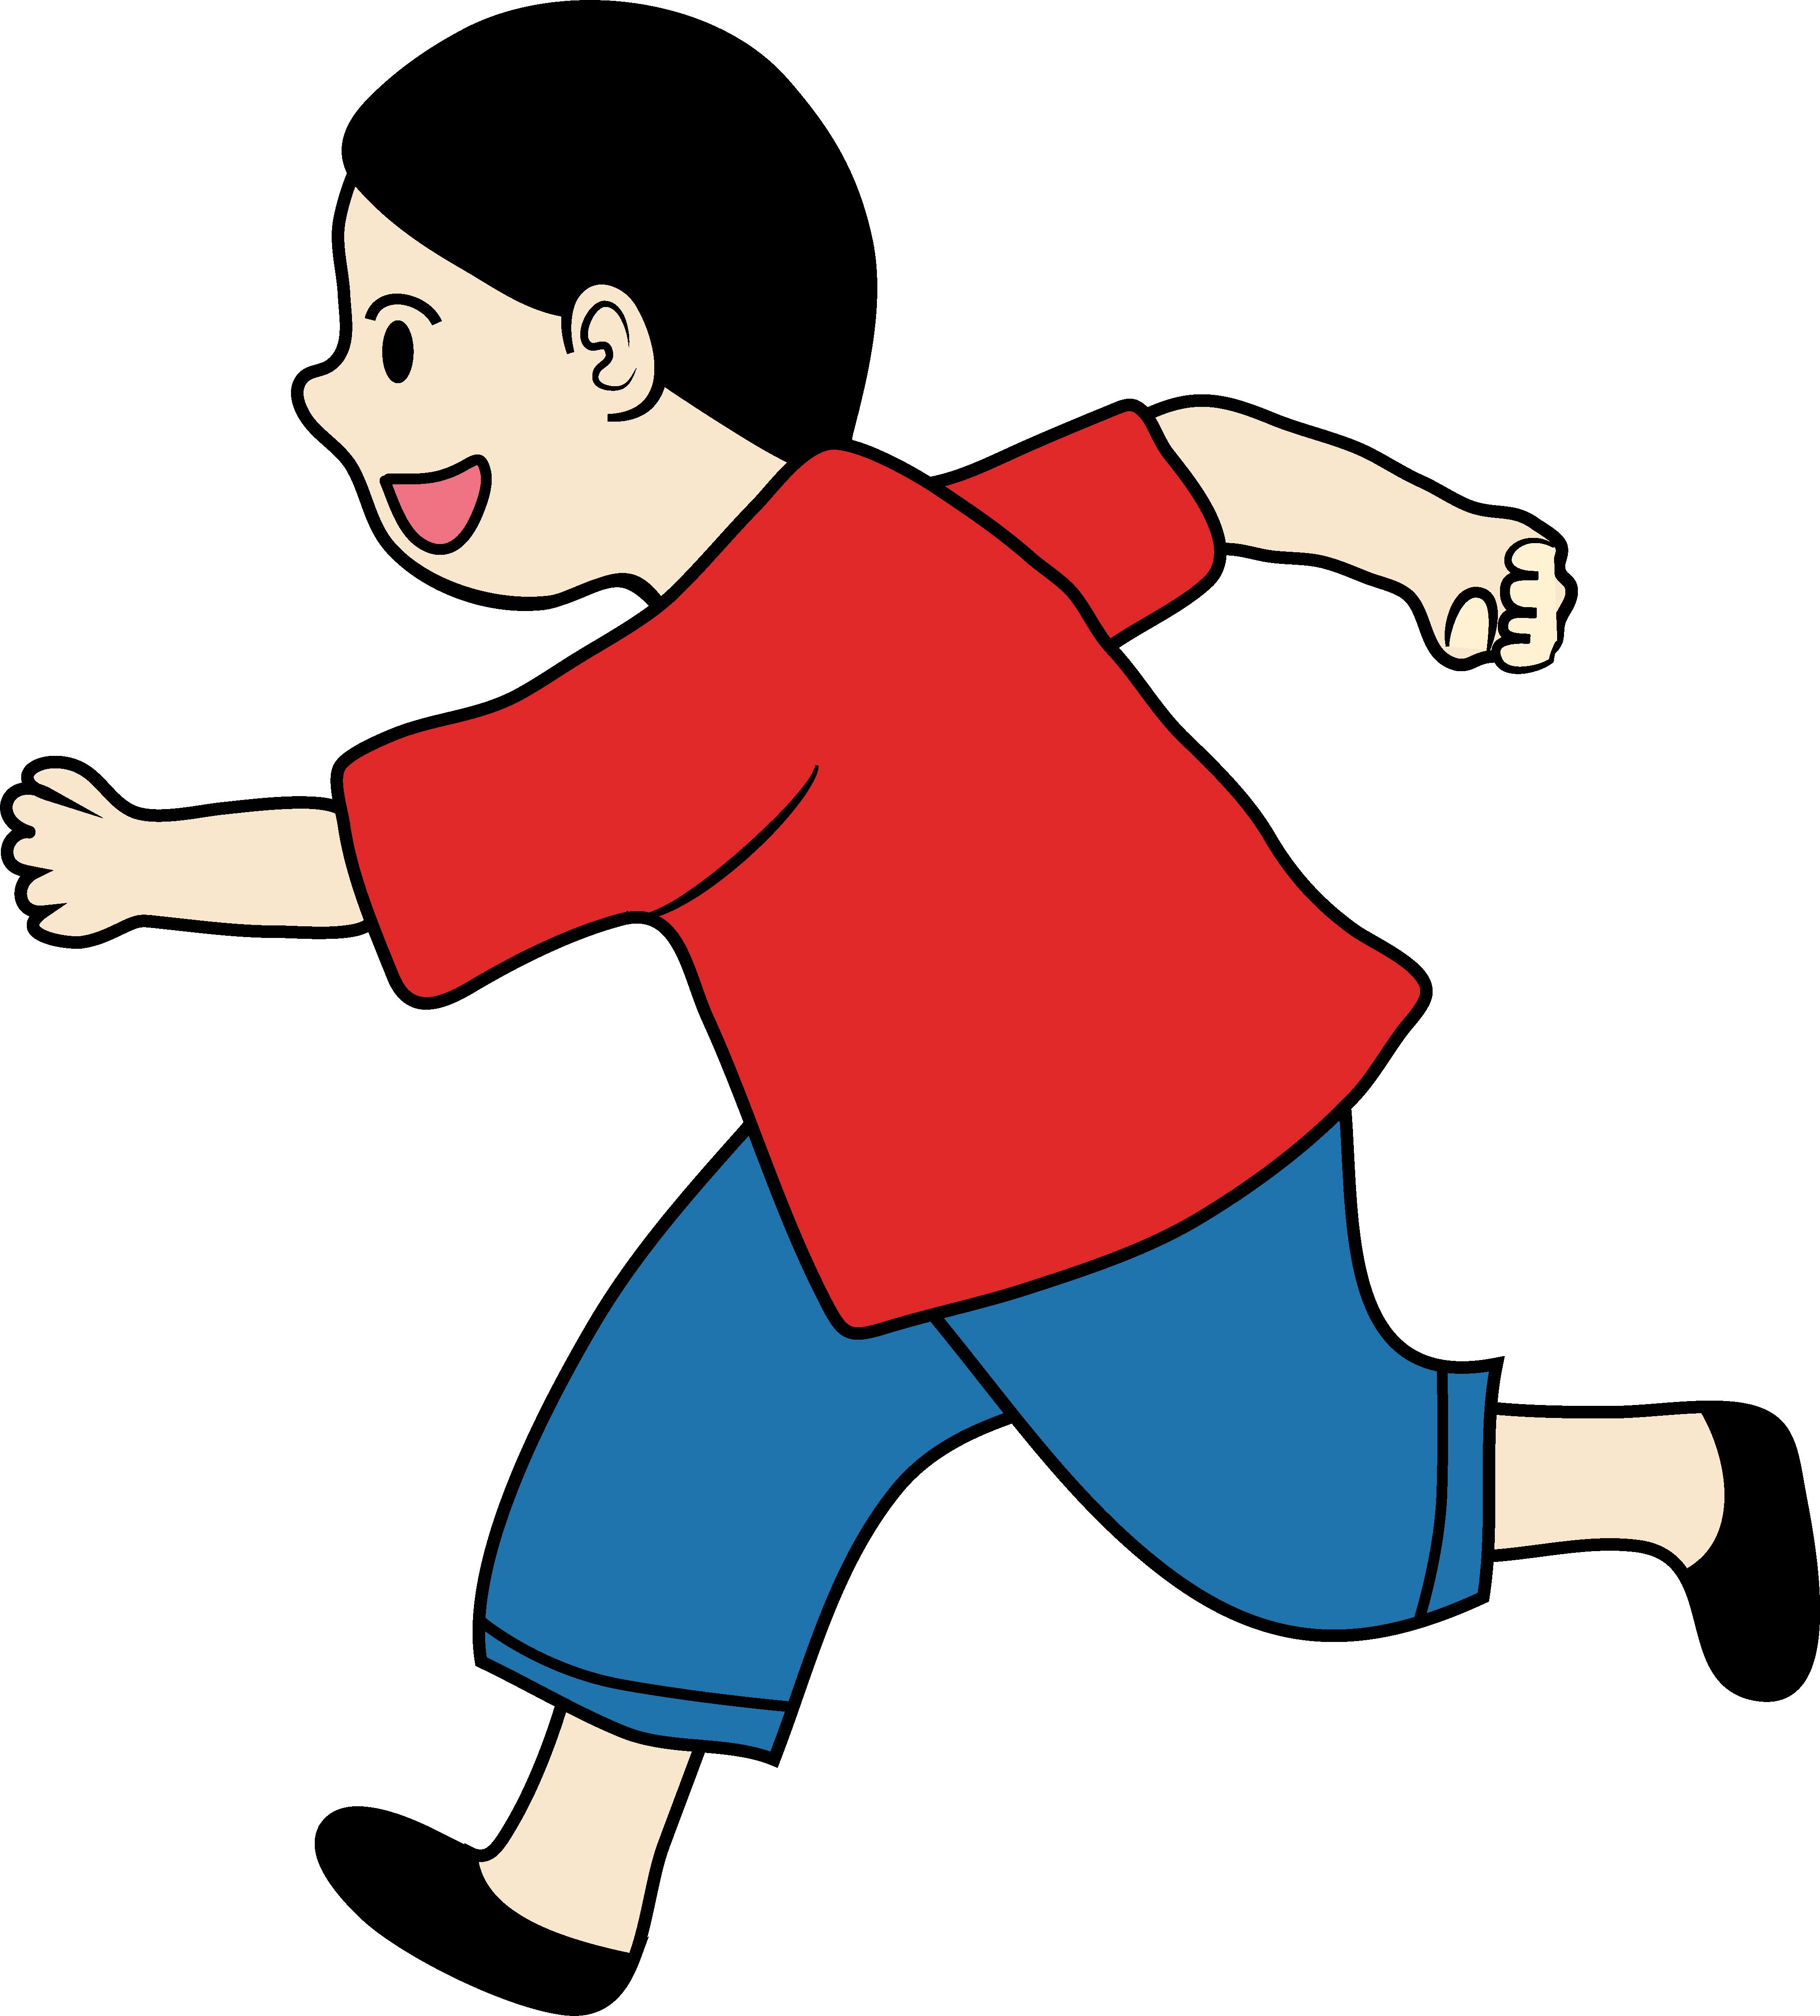 Clipart of a Little Boy Running - Free Clip Art. Playing children Clip Art